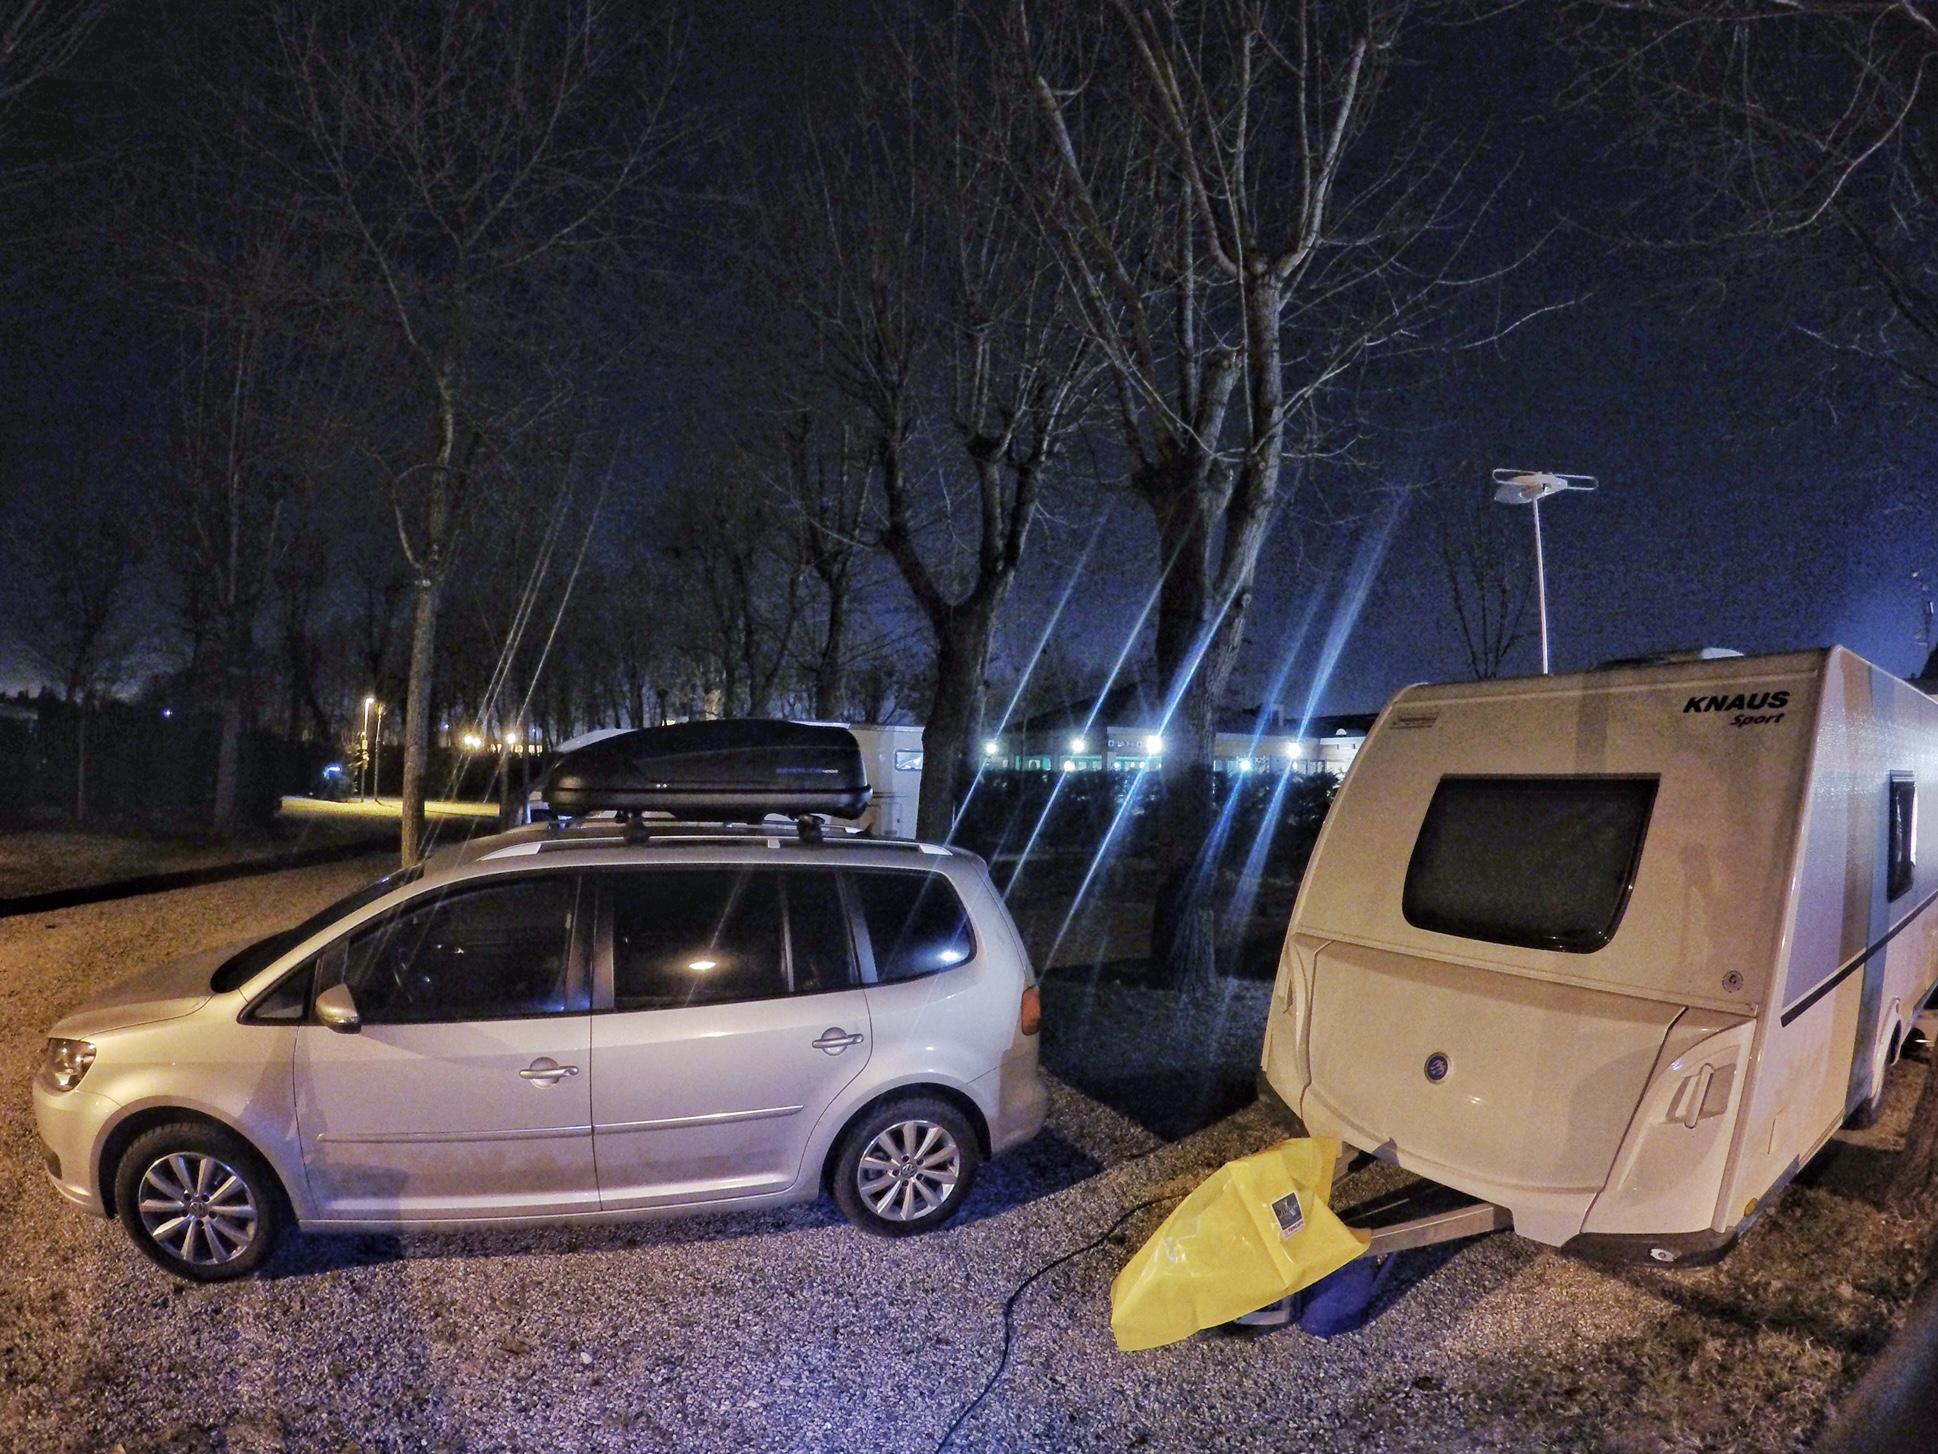 Camping vicino Venezia: Venezia Camping Village